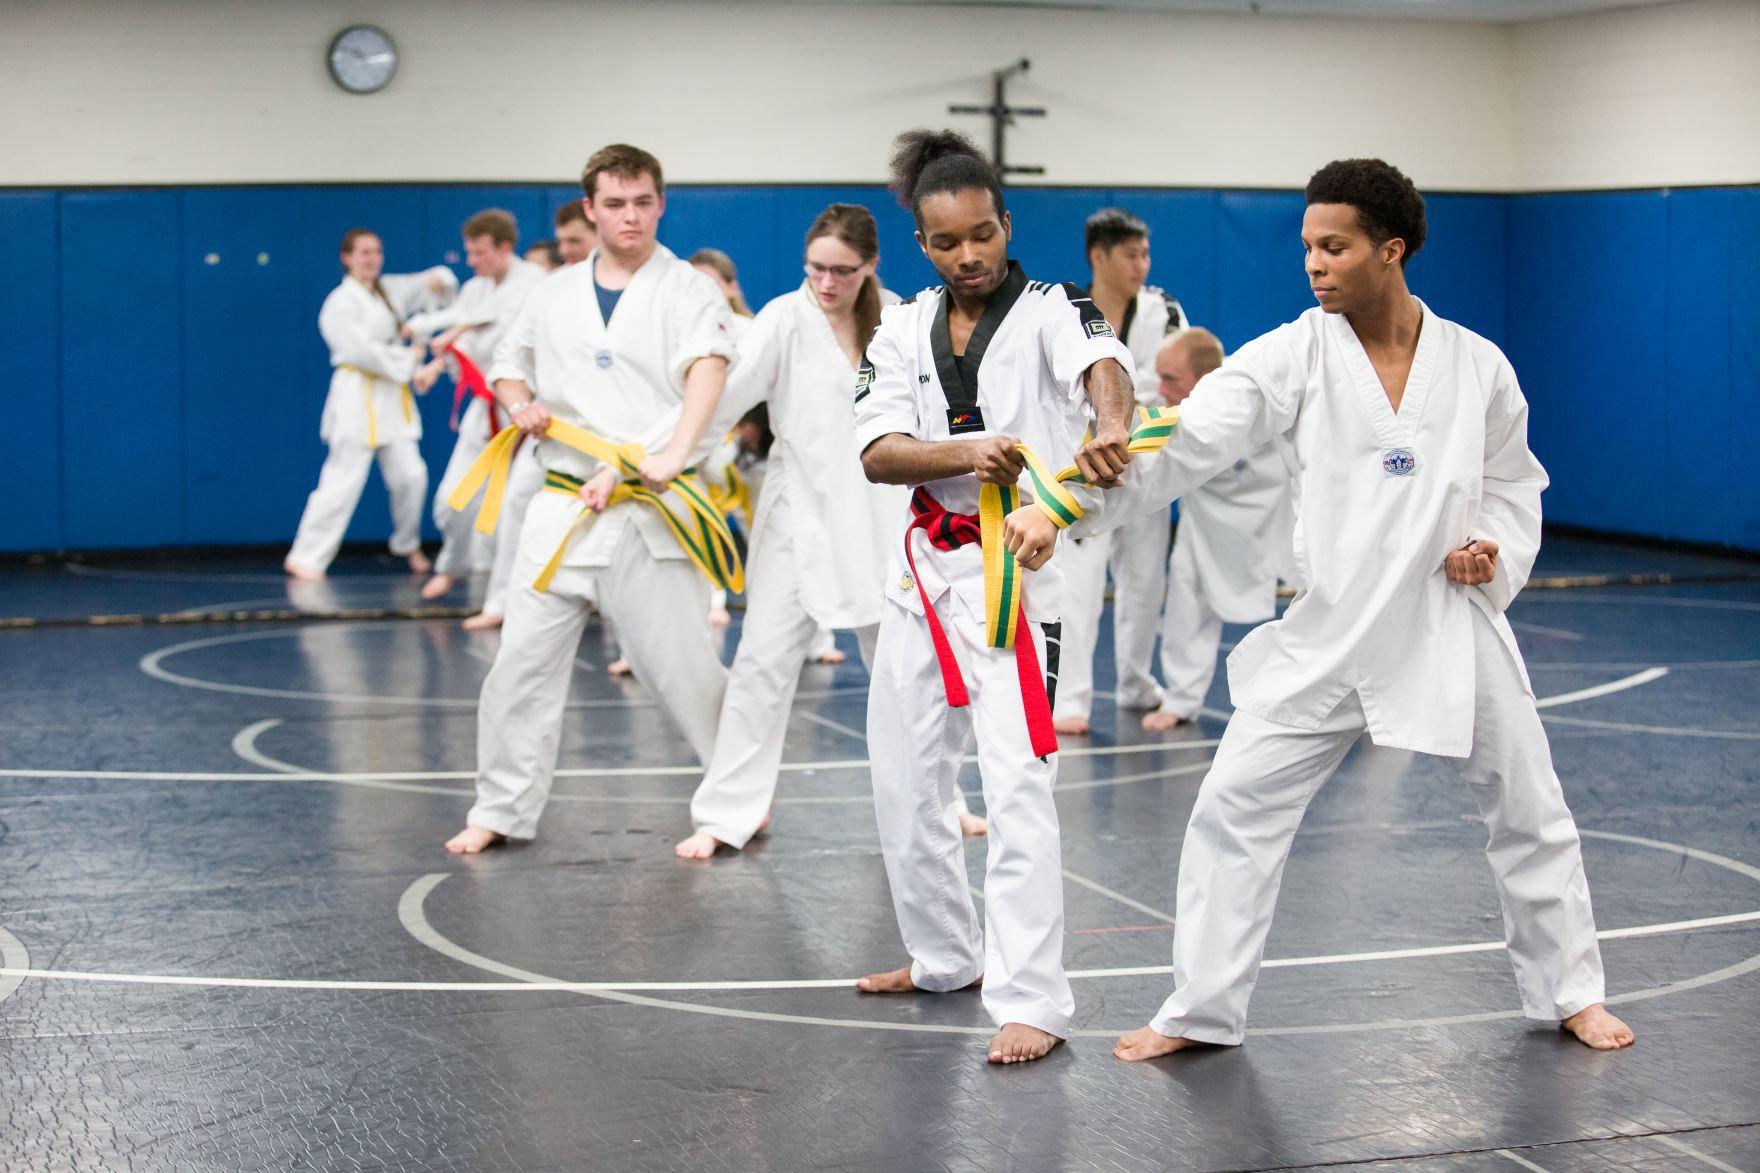 Nick_Viau_-_170406_TaekwondoClub-0612